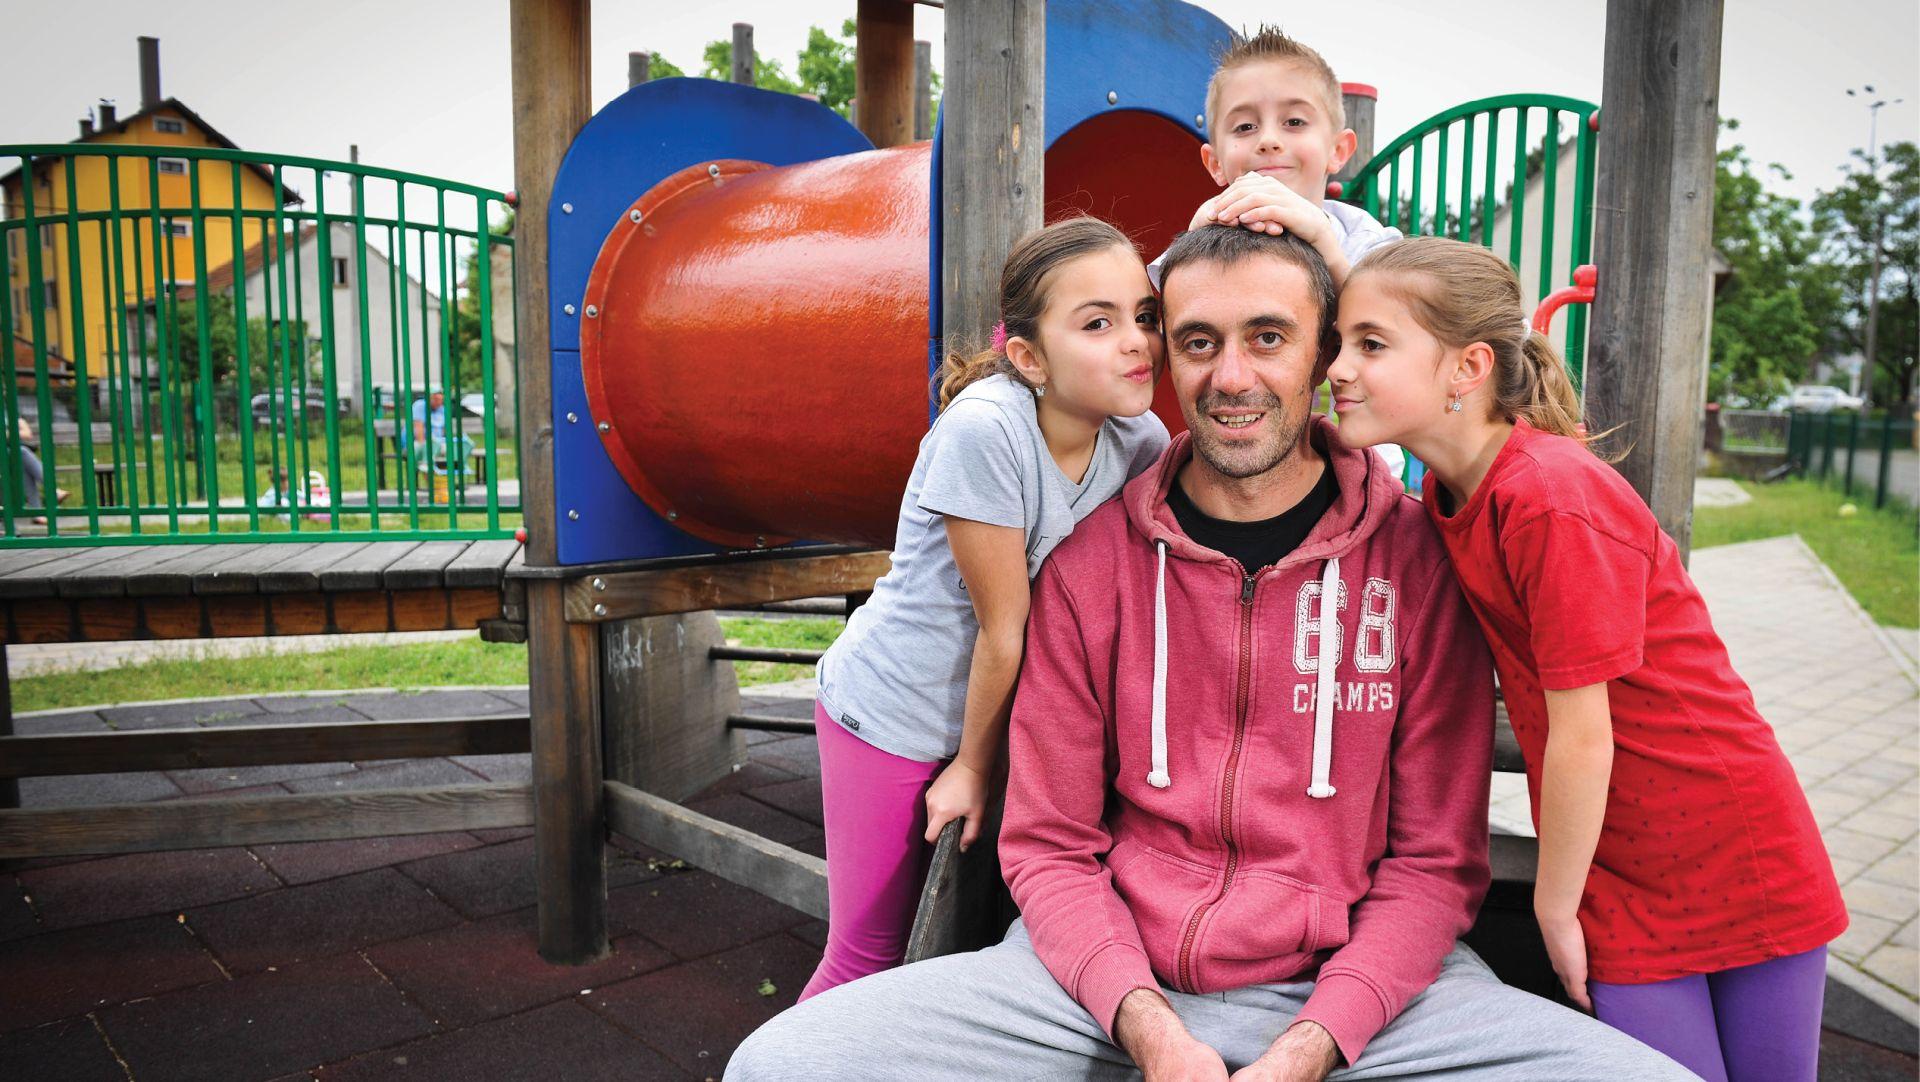 ZANIMANJE: TATA 'Unatoč svim predrasudama, uživam u odgoju svoje djece'